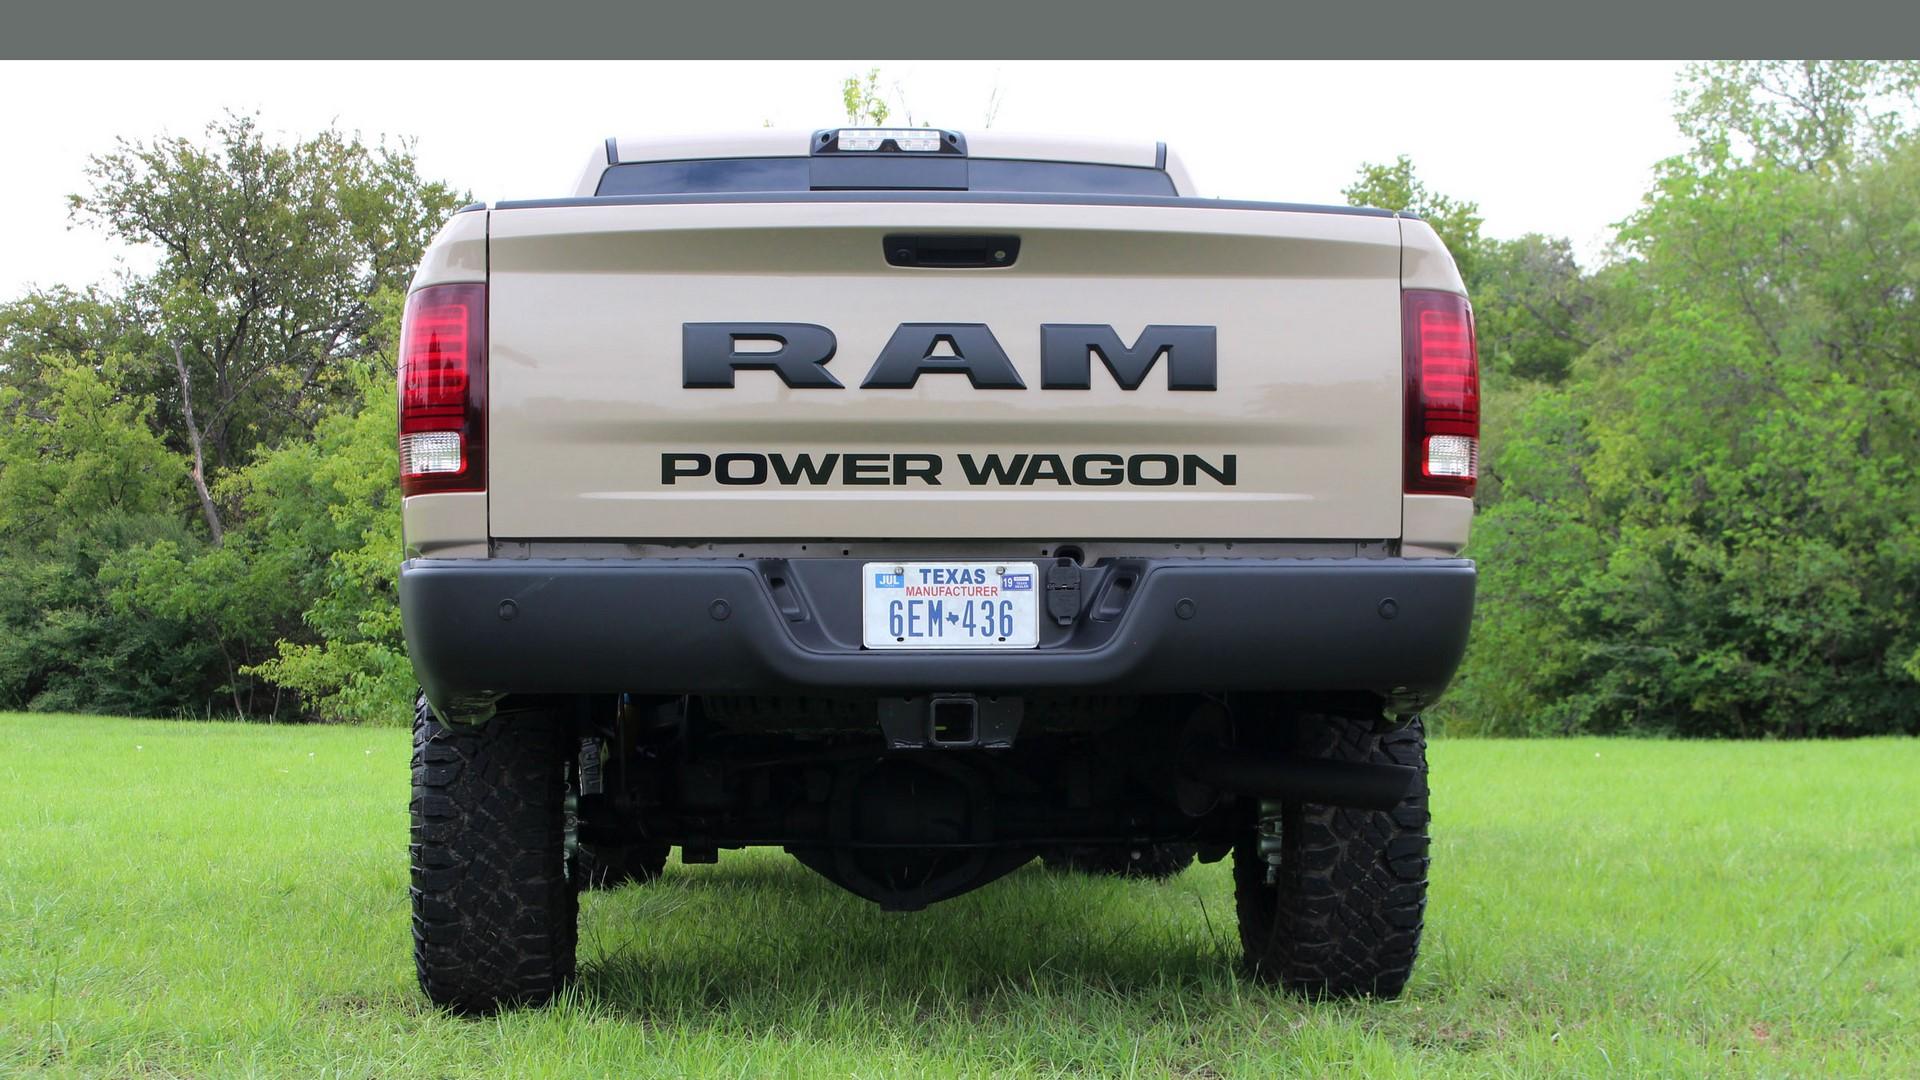 ram-2500-powerwagon-back-tailgate-1-wide-1